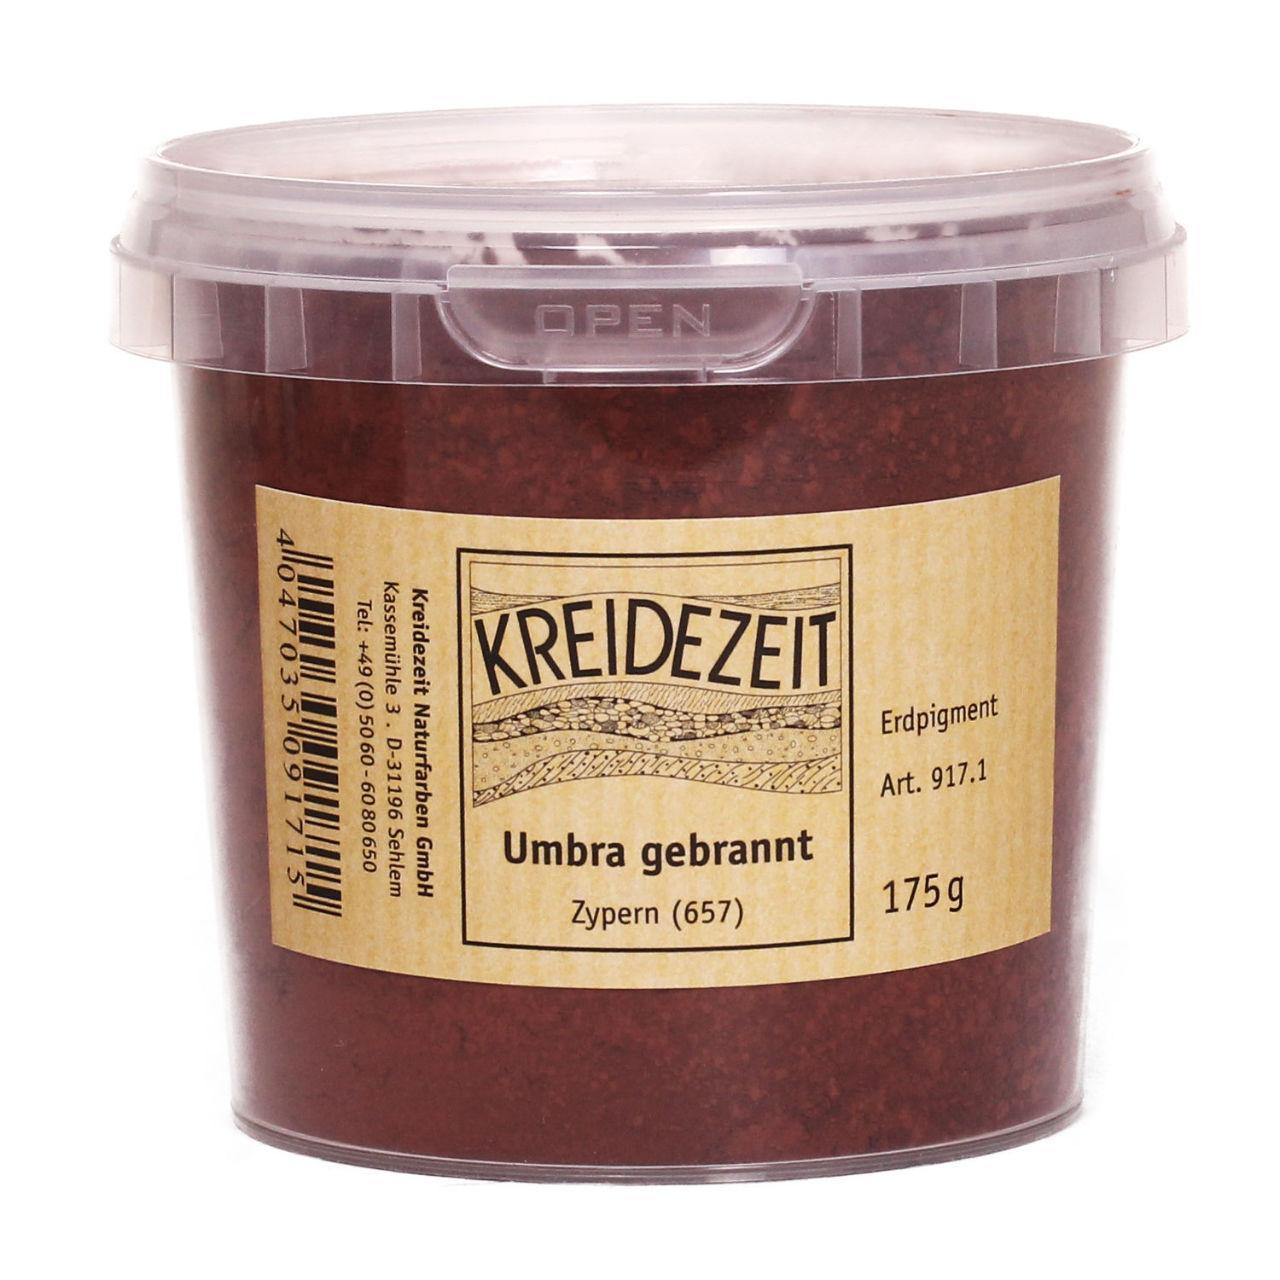 Натуральный пигмент, Умбра Жженая, Umbra Gebrannt, Pigmente, Kreidezeit